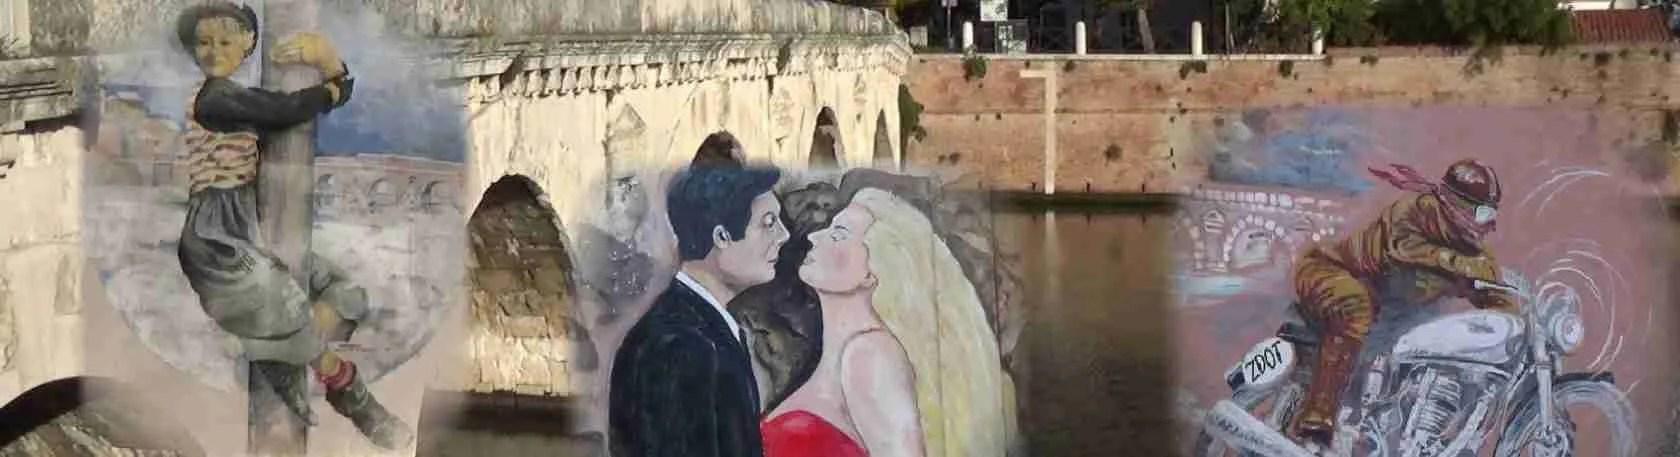 Le escort Rimini adorano i murales di Borgo San Giuliano a Rimini, omaggio a Federico Fellini.